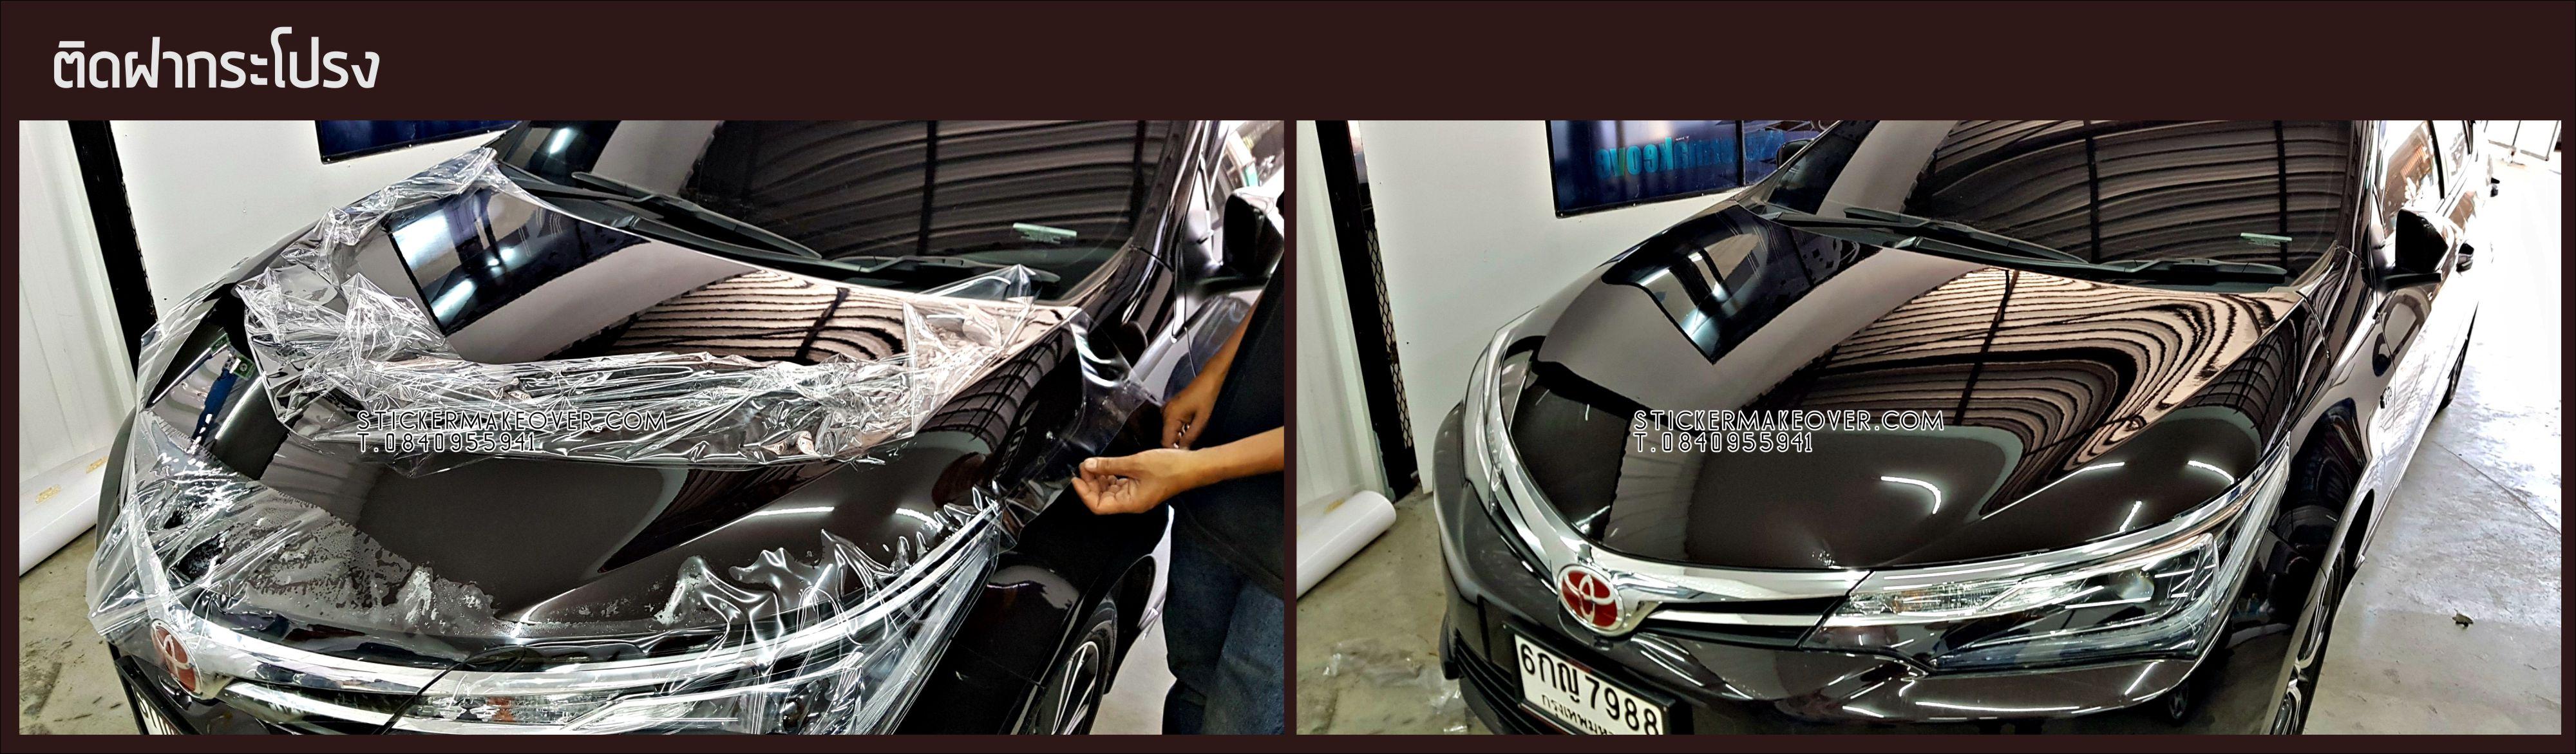 ฟิล์มใสกันสะเก็ดหินpu ฟิล์มใสปกป้องสีรถ ติดฟิล์มกันหินฝากระโปรงcivicFC ติดสติกเกอร์กันหินmazda mirage ฟิล์มใสกันหินทั้งคัน toyota sienta ติดฟิล์มใสกันรอยhonda accord ฟิล์มใสกันสะเก็ดหิน ฟิล์มปกป้องสีรถoraguard ฟิล์มปกป้องสีรถdurashield ฟิล์มกันรอยขีดข่วนรถยนต์ ฟิล์มปกป้องสีรถ paint protection film สติกเกอร์กันรอยเบ้าประตู สติกเกอร์กันสะเก็ดหินหน้ารถ สติกเกอร์ใสติดรถ ฟิล์มกันรอยฟอร์จูนเนอร์  ฟิล์มกันรอยฟอร์ดเรนเจอร์ ford everest ฟิล์มกันรอยparero sport2015